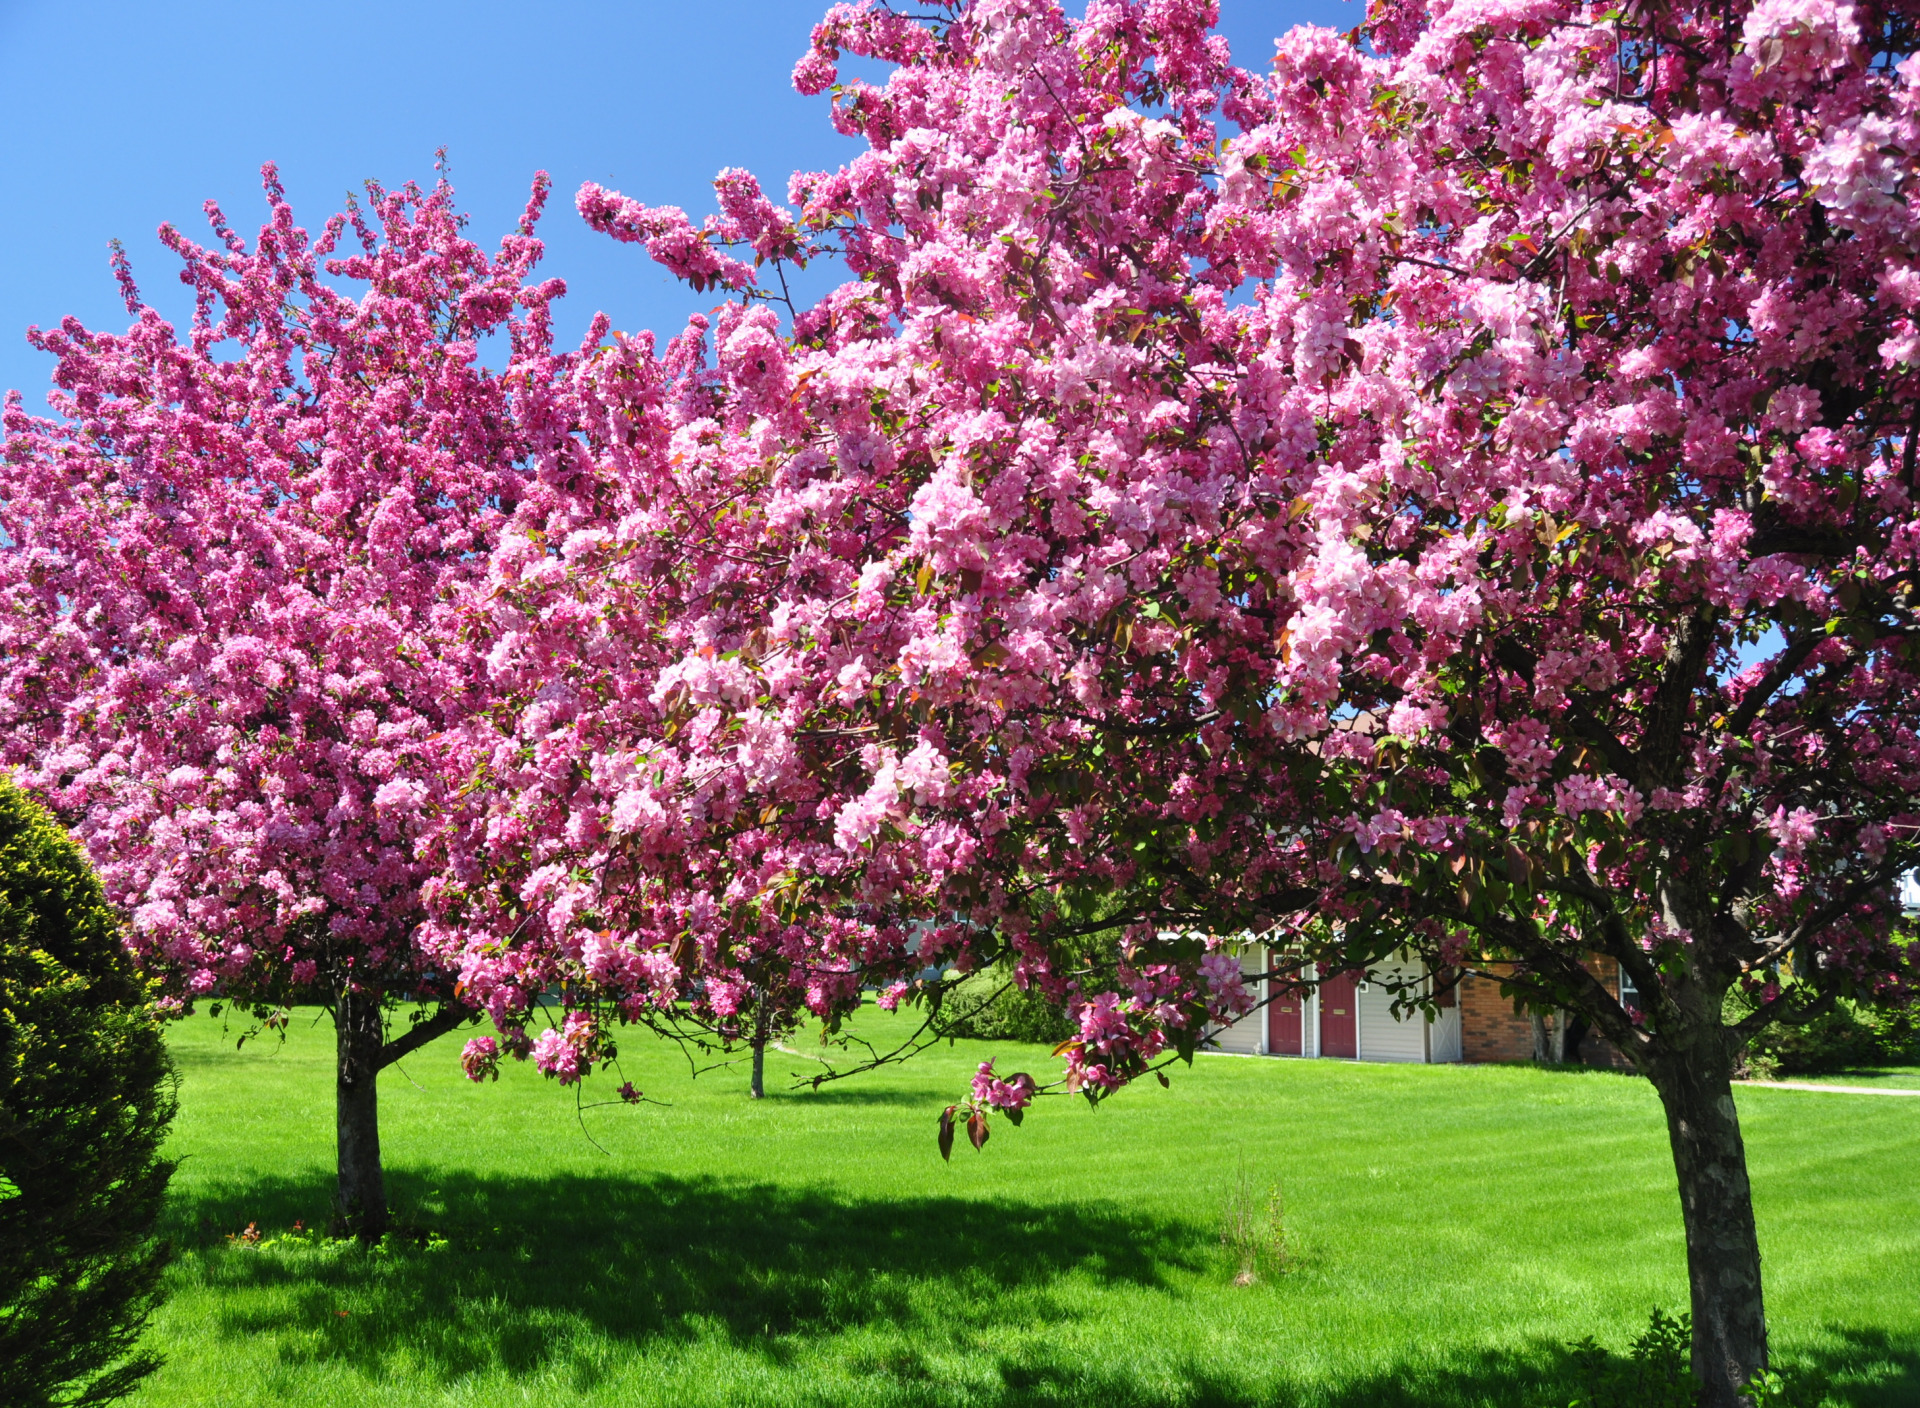 оказании деревья с красивыми цветами фото вычищаем ушной